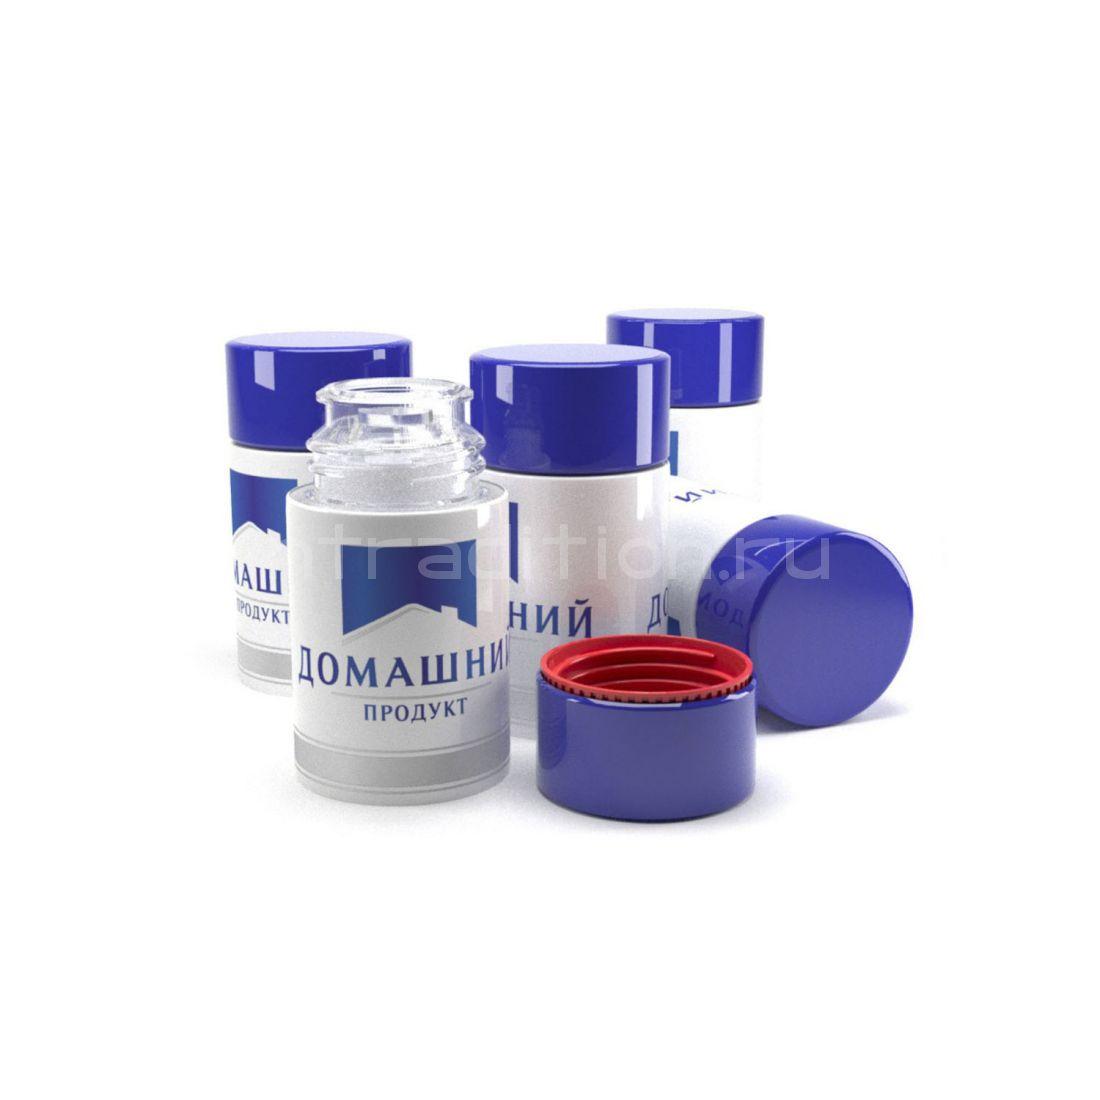 Колпачок с дозатором Домашний продукт синий (Гуала 47 мм) / 10 шт